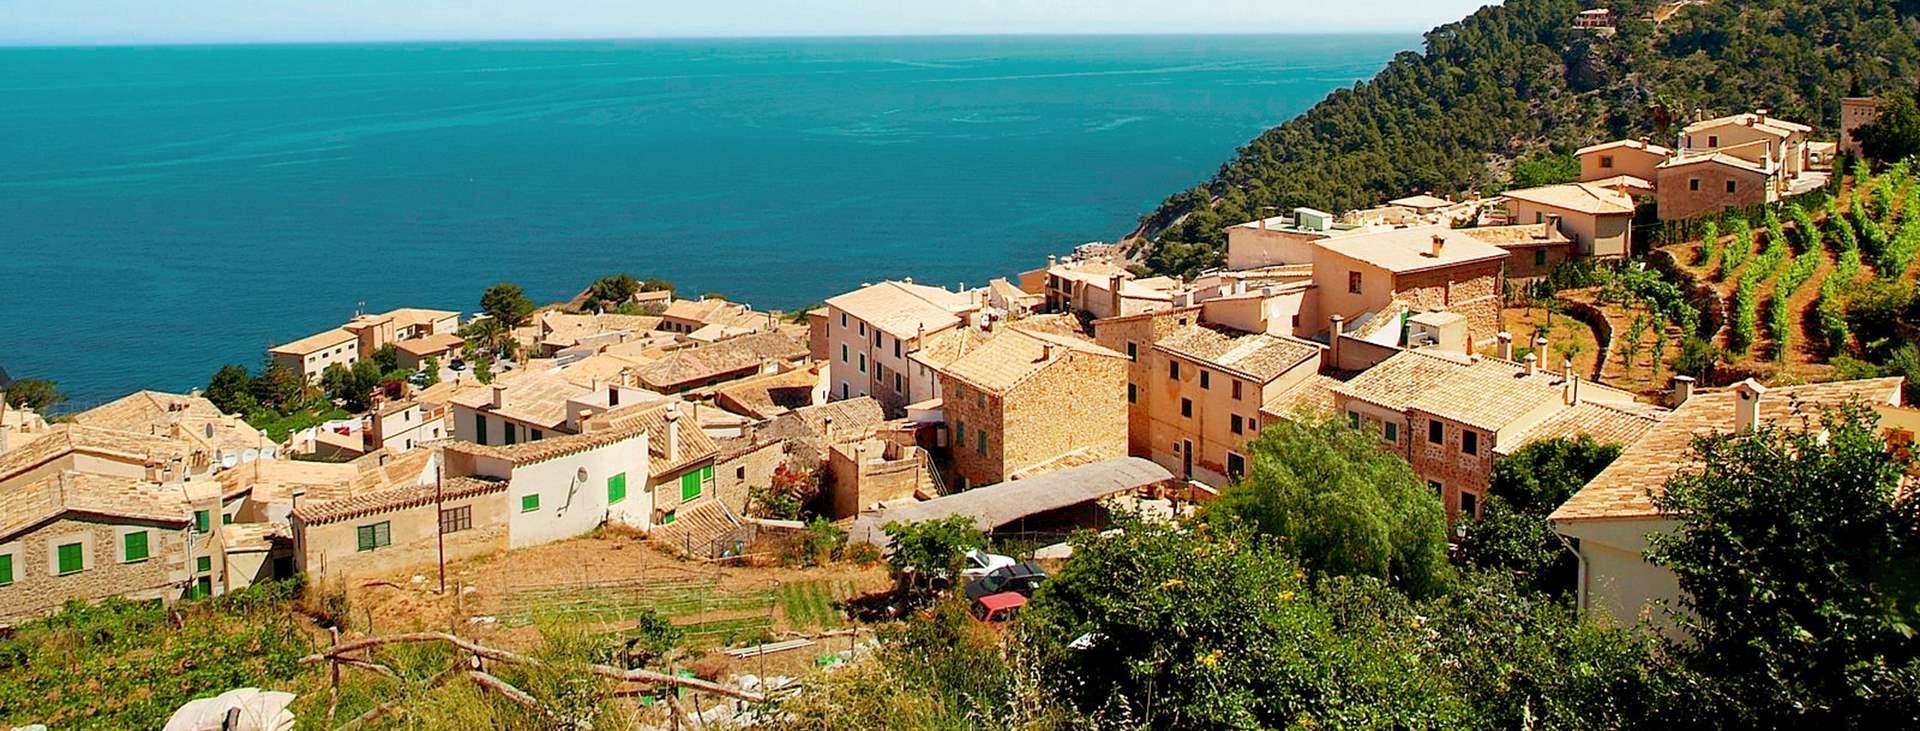 Banyalbufar ja Estellencs - kaksi kiehtovaa lomakohdetta Mallorcan länsirannikolla